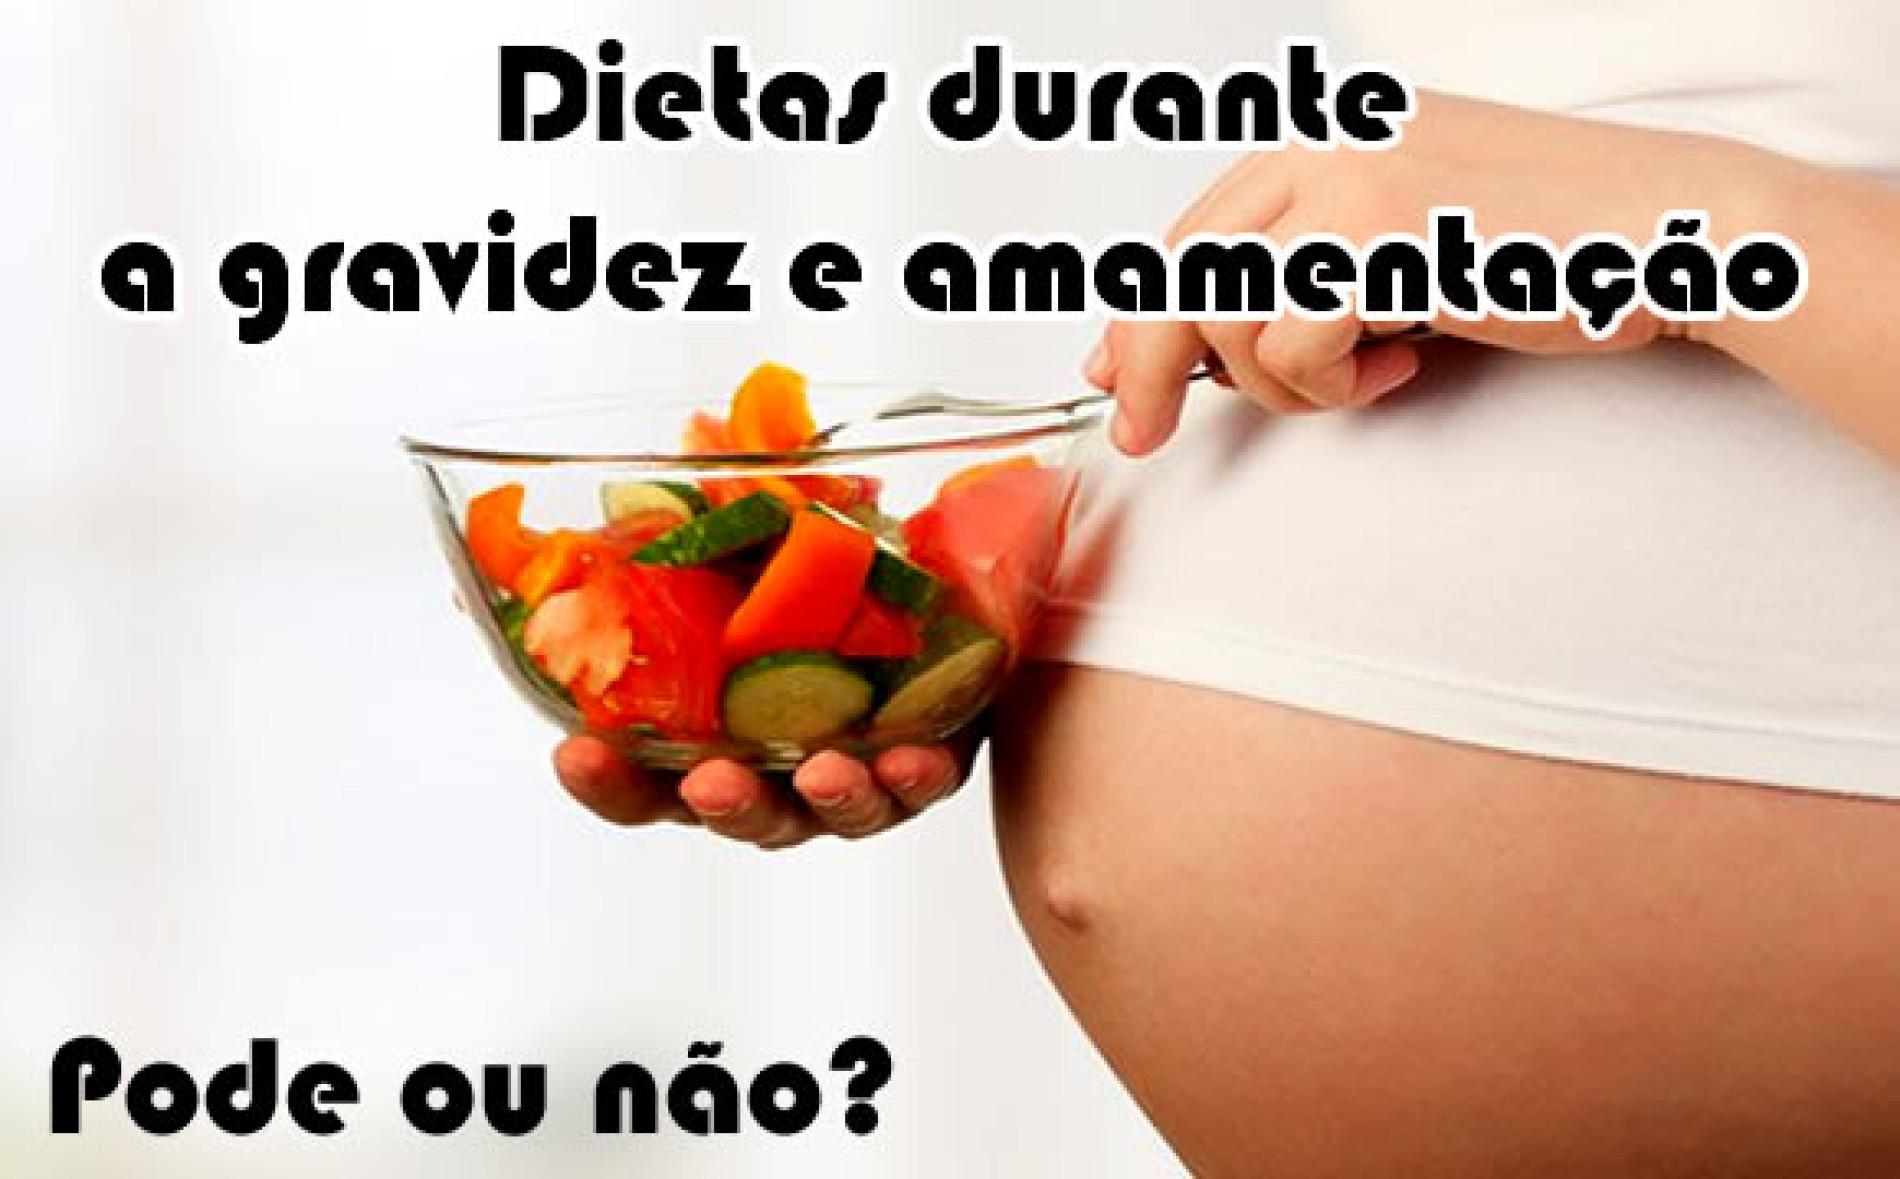 Dieta durante a gestação e amamentação